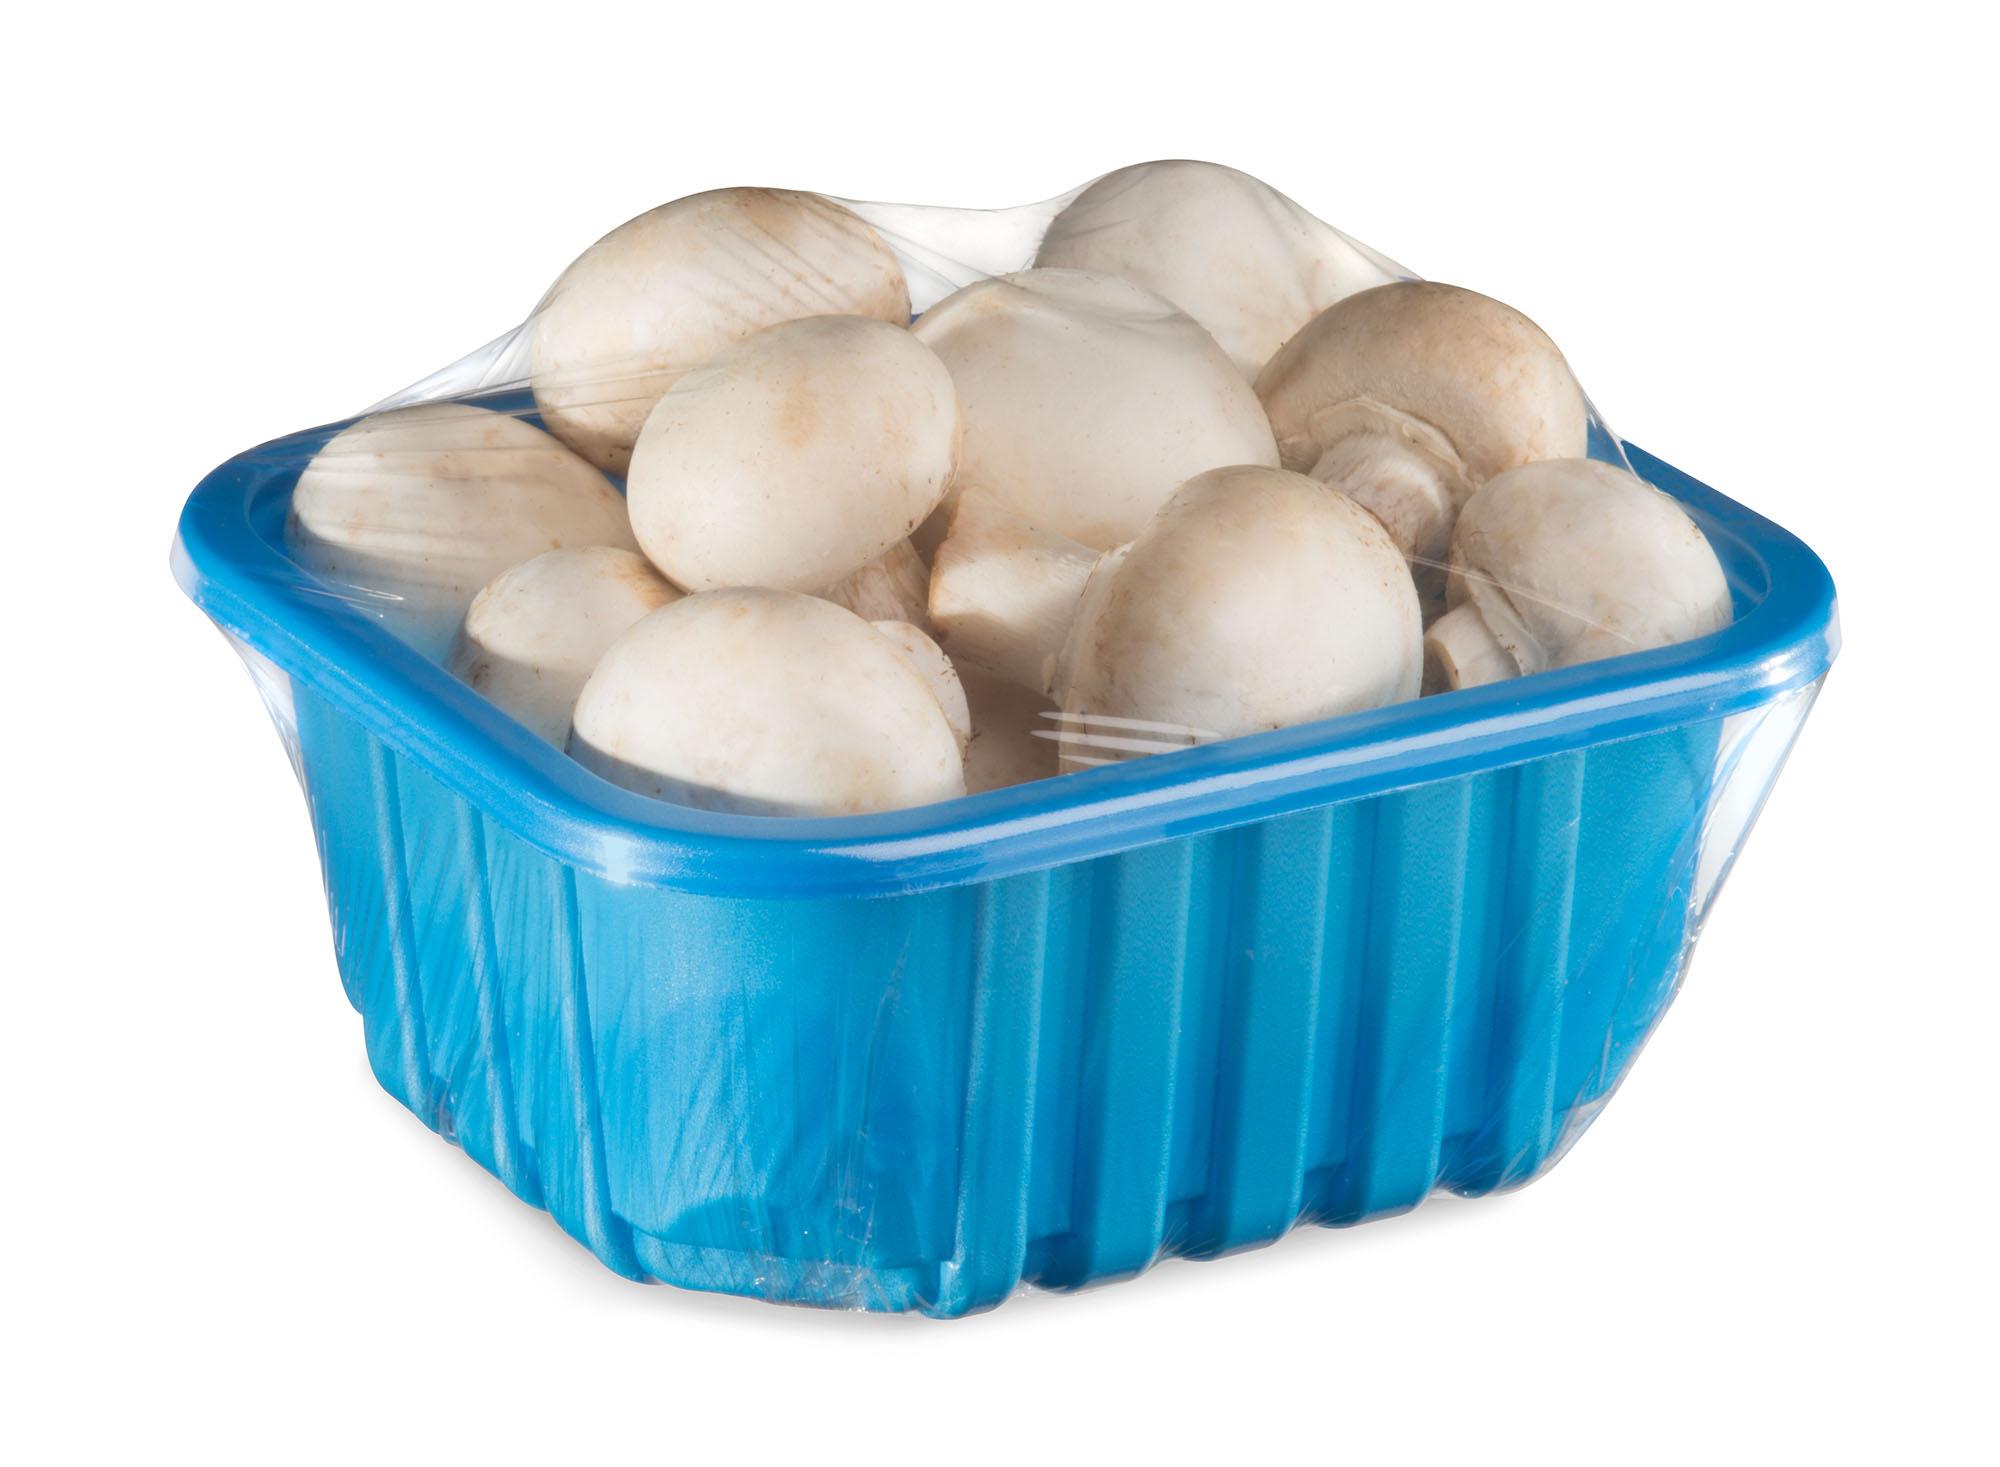 Cascades lance Ultratill(MC) : une nouvelle génération de contenants à champignons